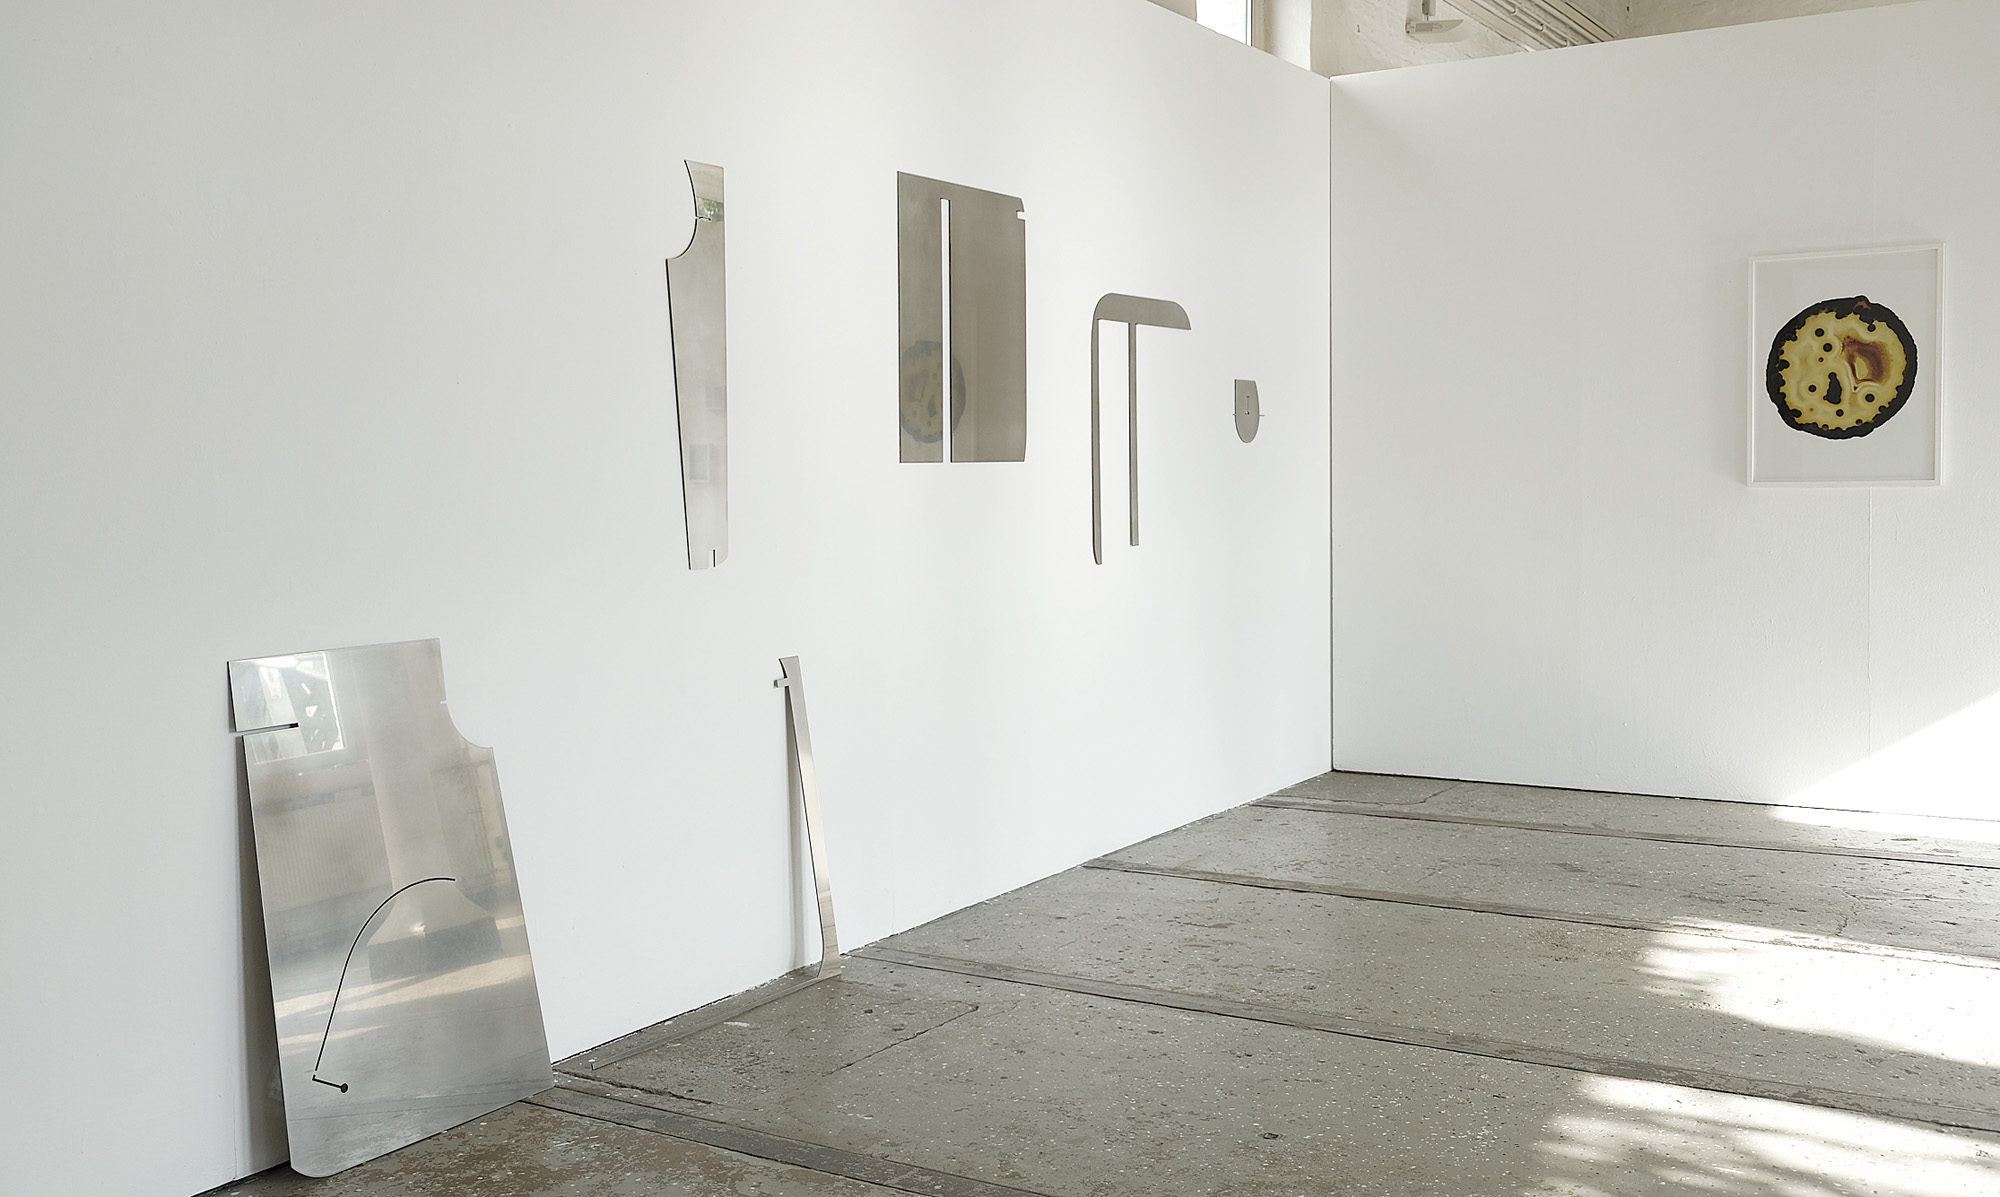 Charlotte Perrin | Jaana Caspary